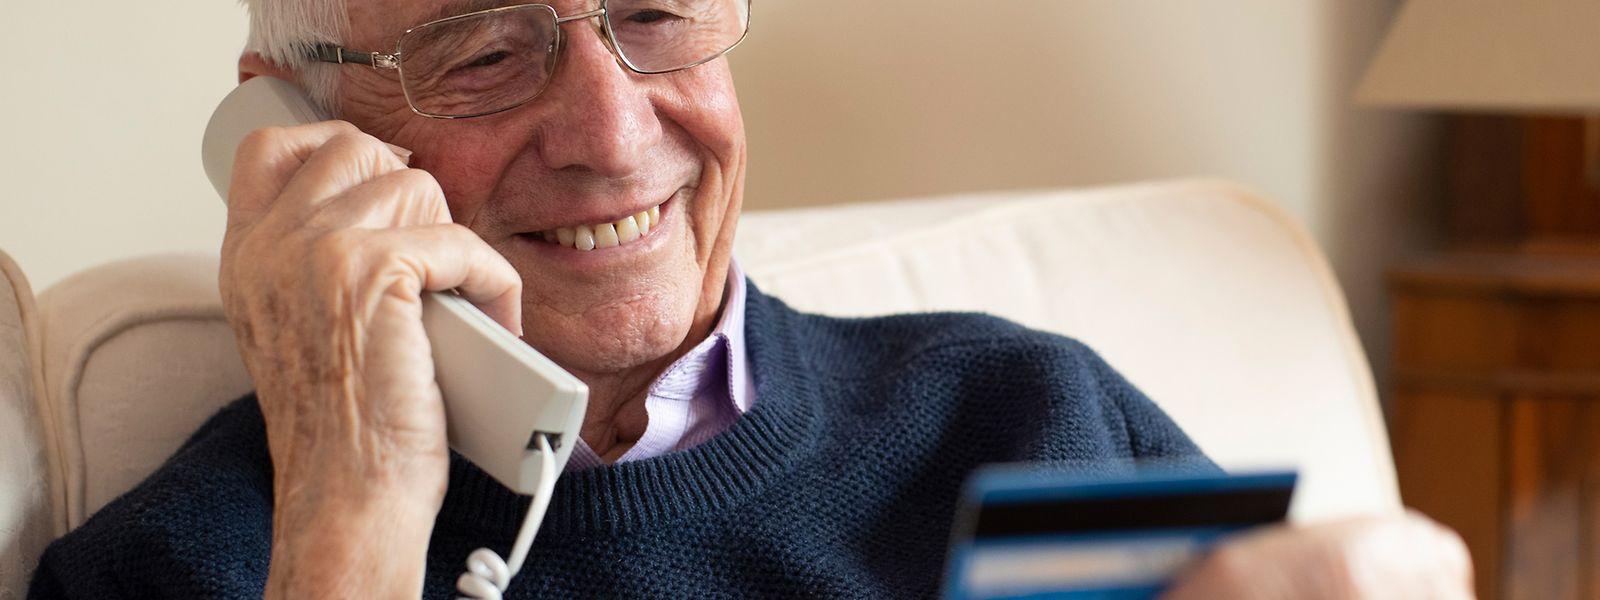 Gerade ältere Personen werden allzu häufig Opfer von Betrügern.